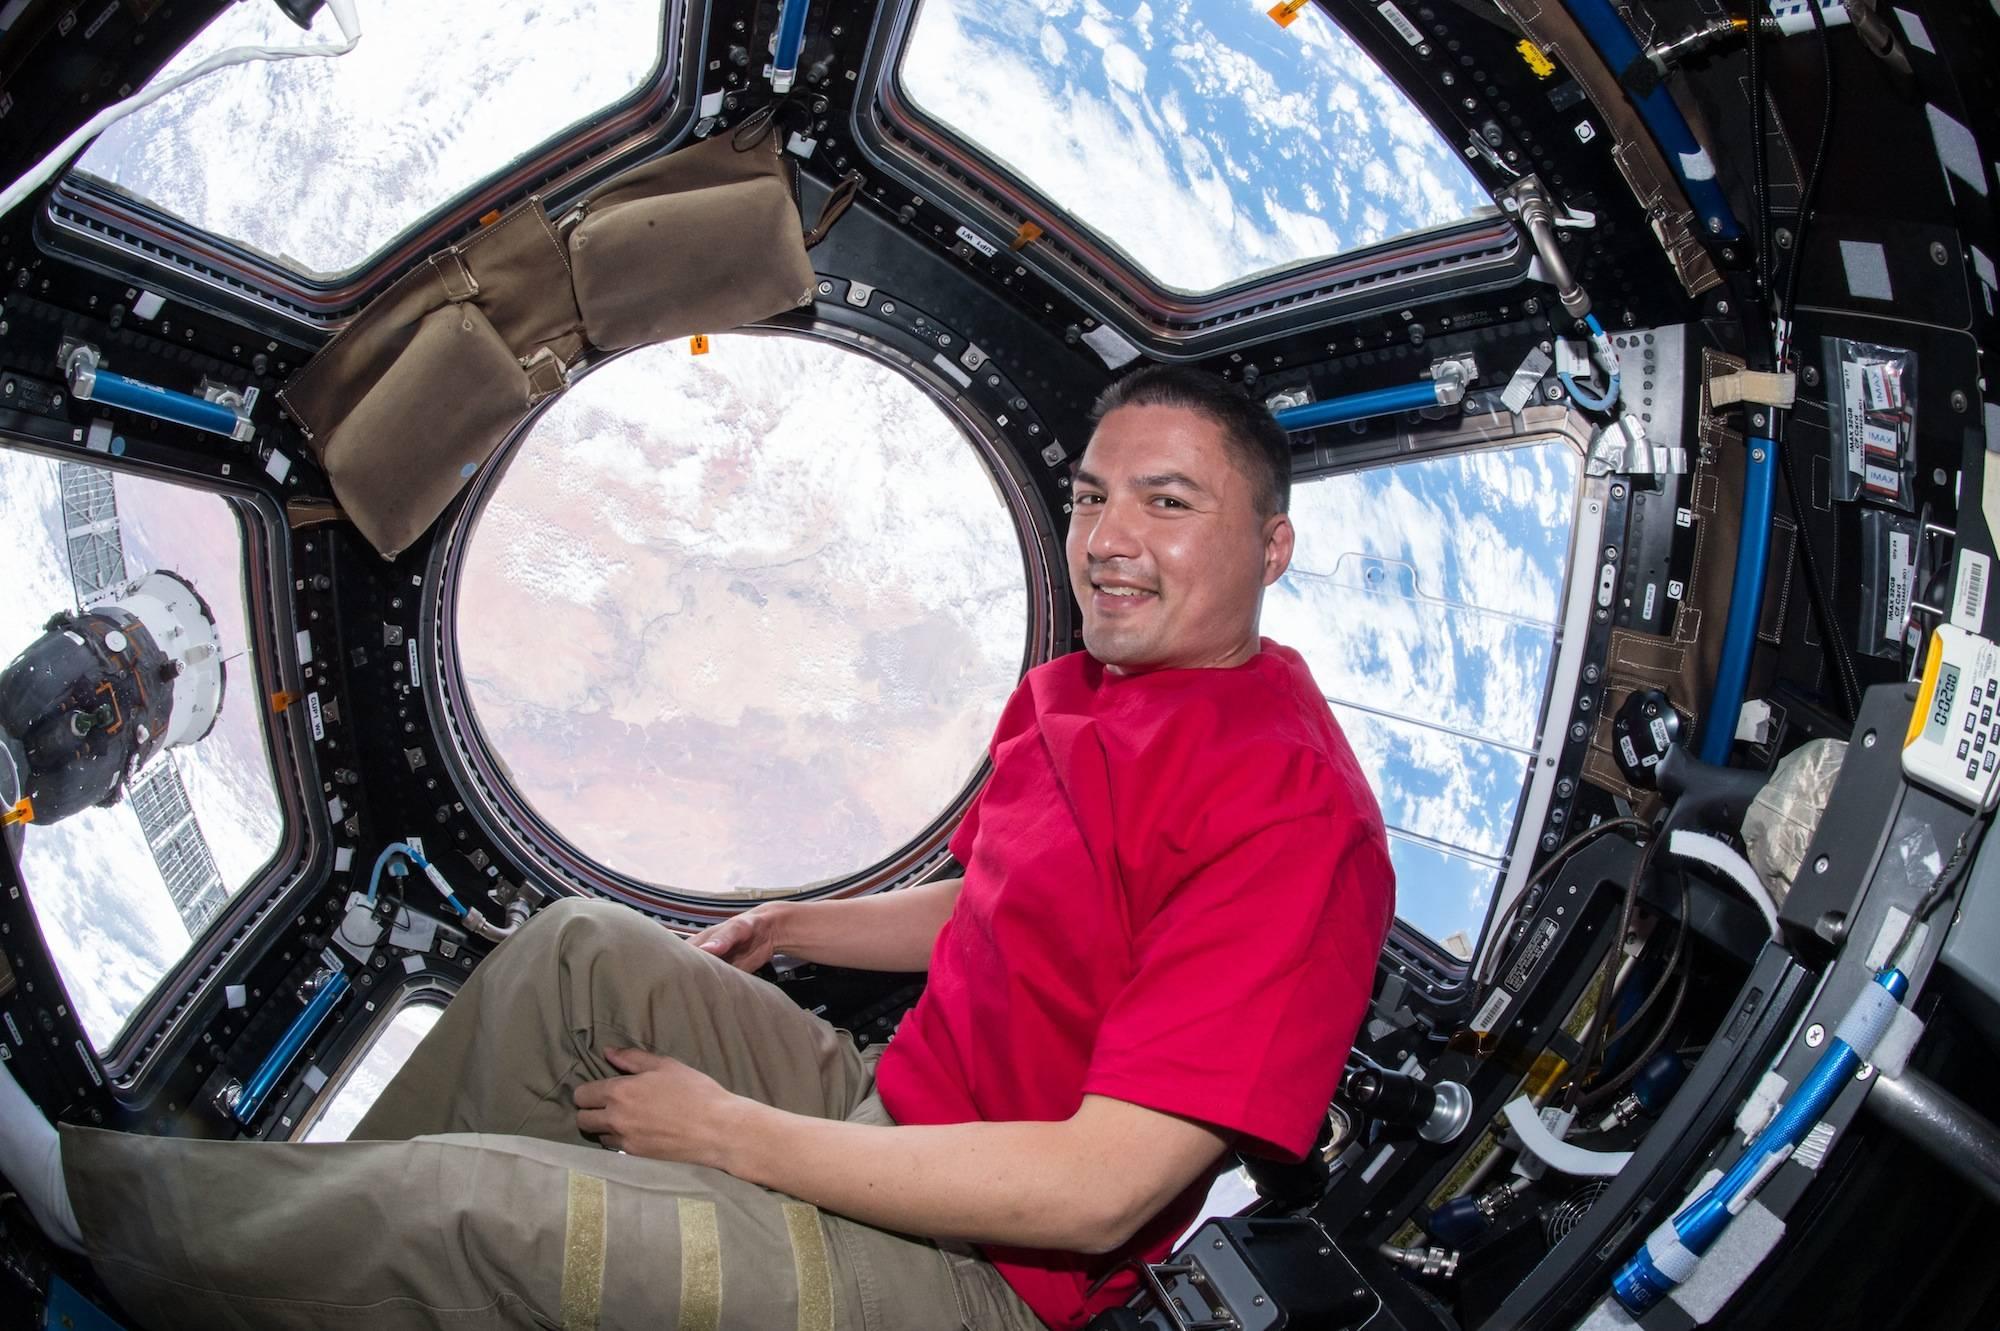 Kjell Lindgren NASA space astronaut